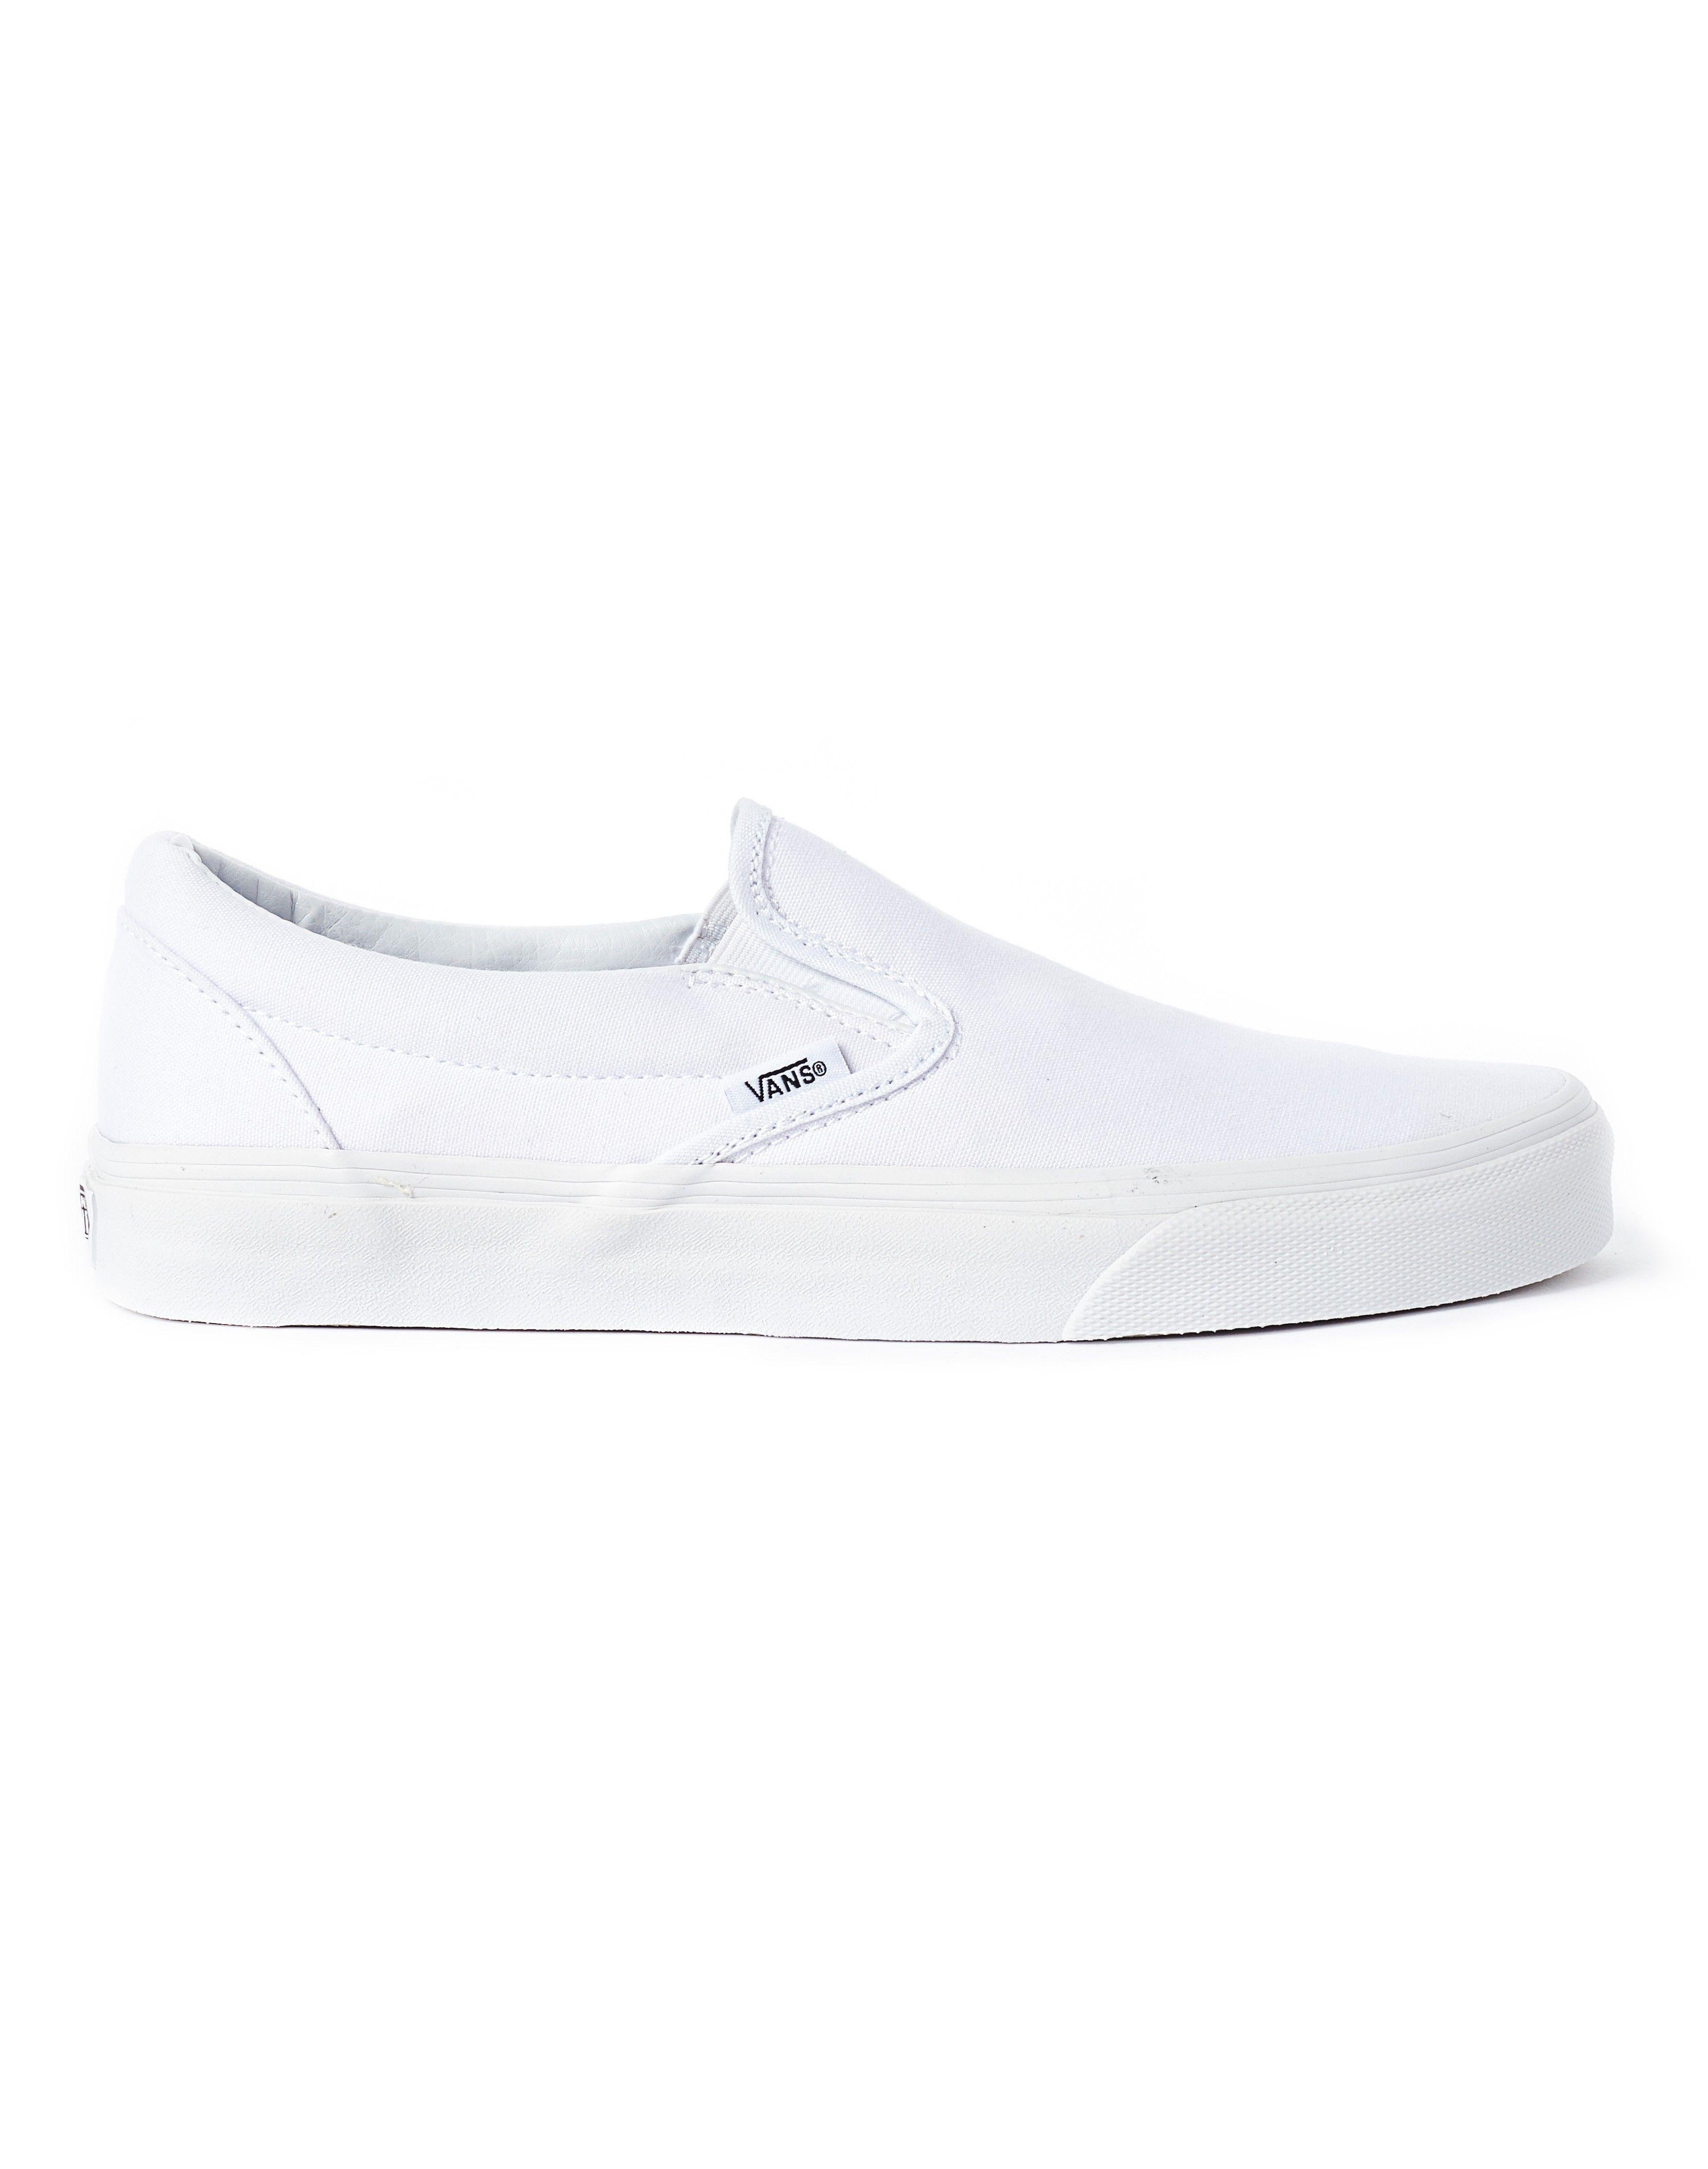 White slip on vans, Plimsolls